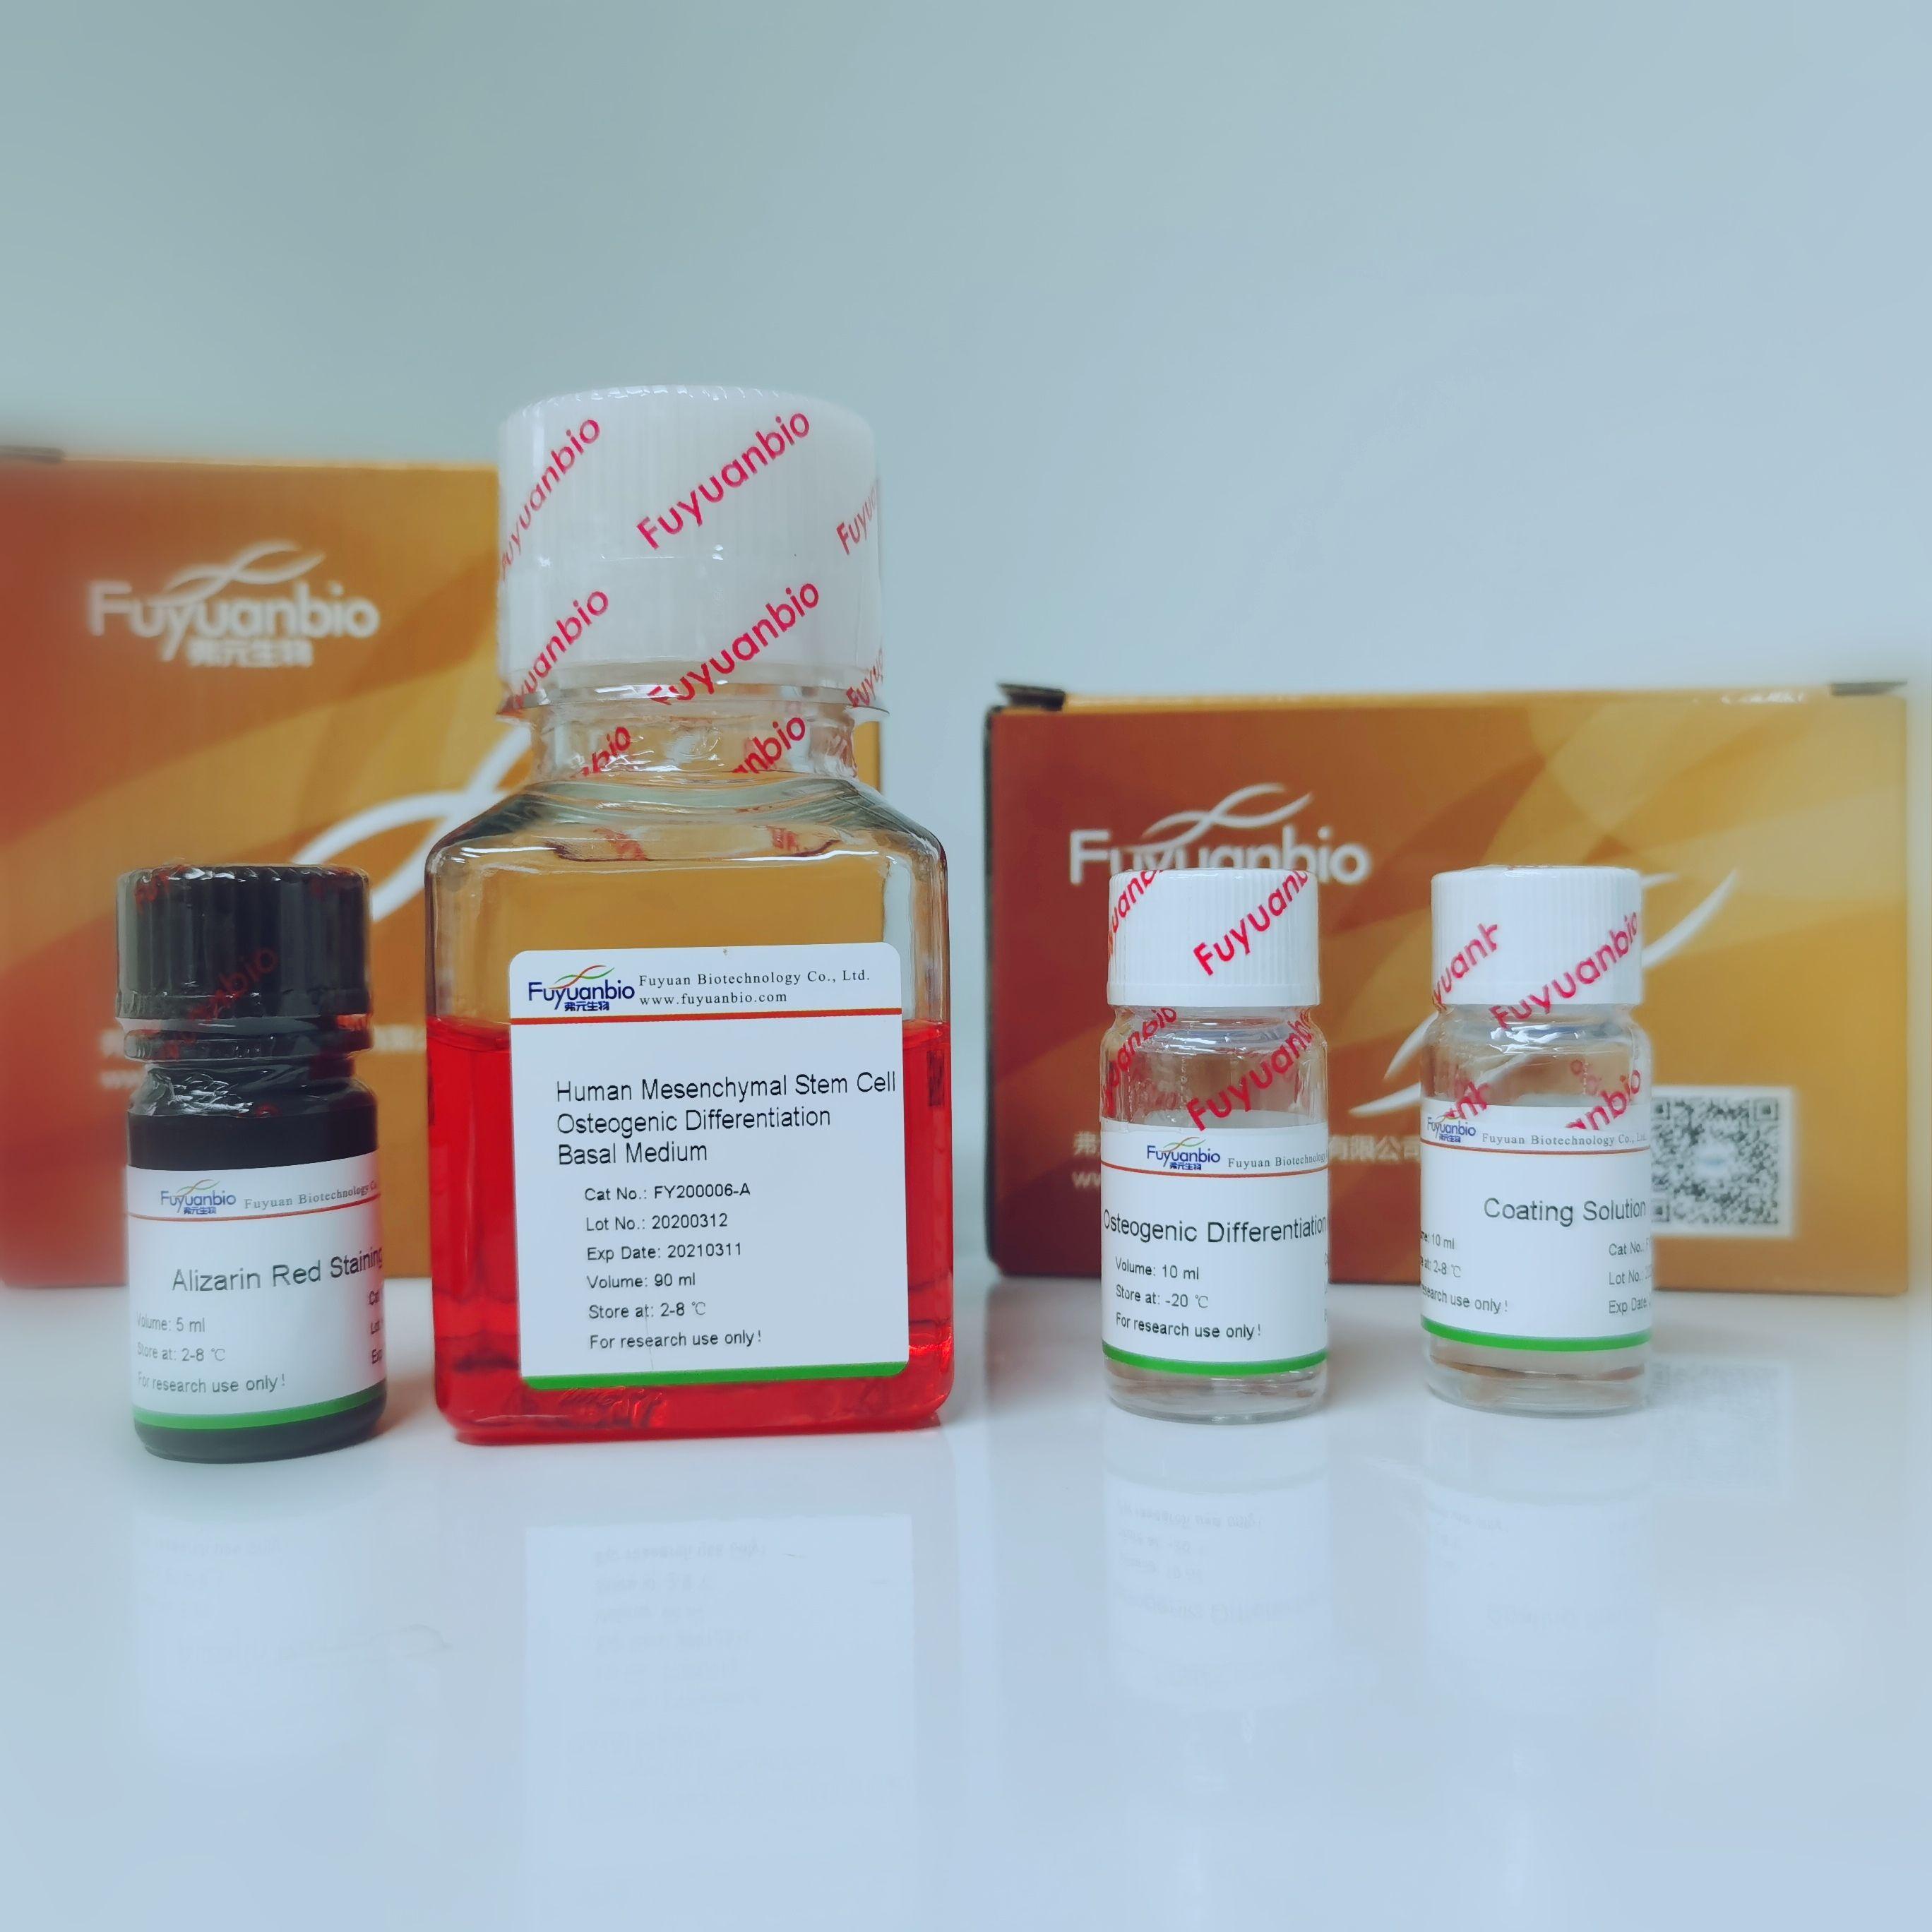 人间充质干细胞成骨诱导试剂盒培养基